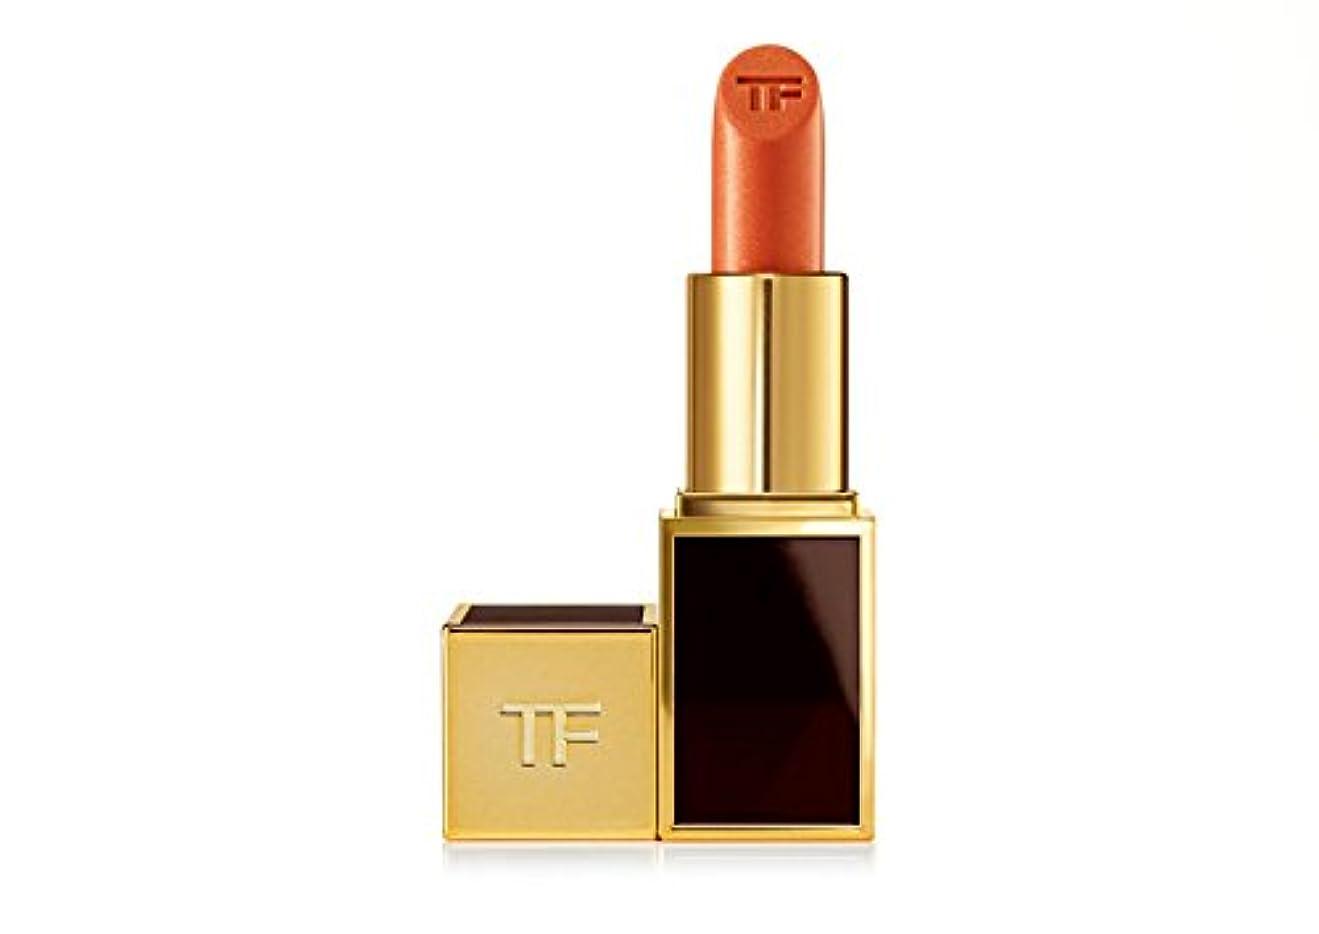 ステートメントうるさい夜間トムフォード リップス アンド ボーイズ 7 コーラル リップカラー 口紅 Tom Ford Lipstick 7 CORALS Lip Color Lips and Boys (#64 Hiro ヒロ) [並行輸入品]